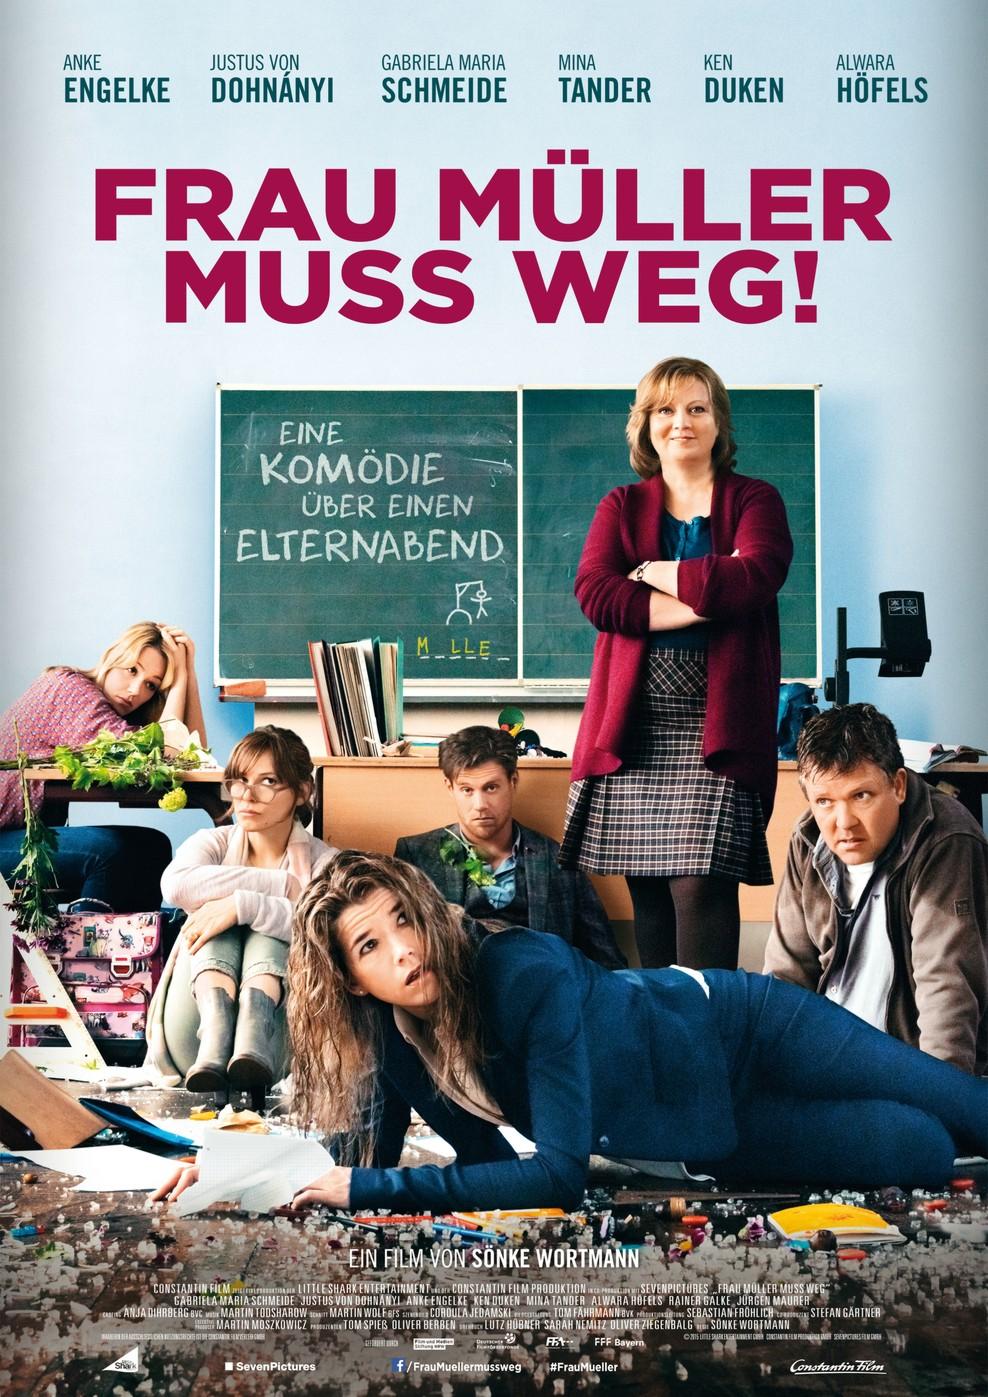 Frau Müller muss weg (Poster)